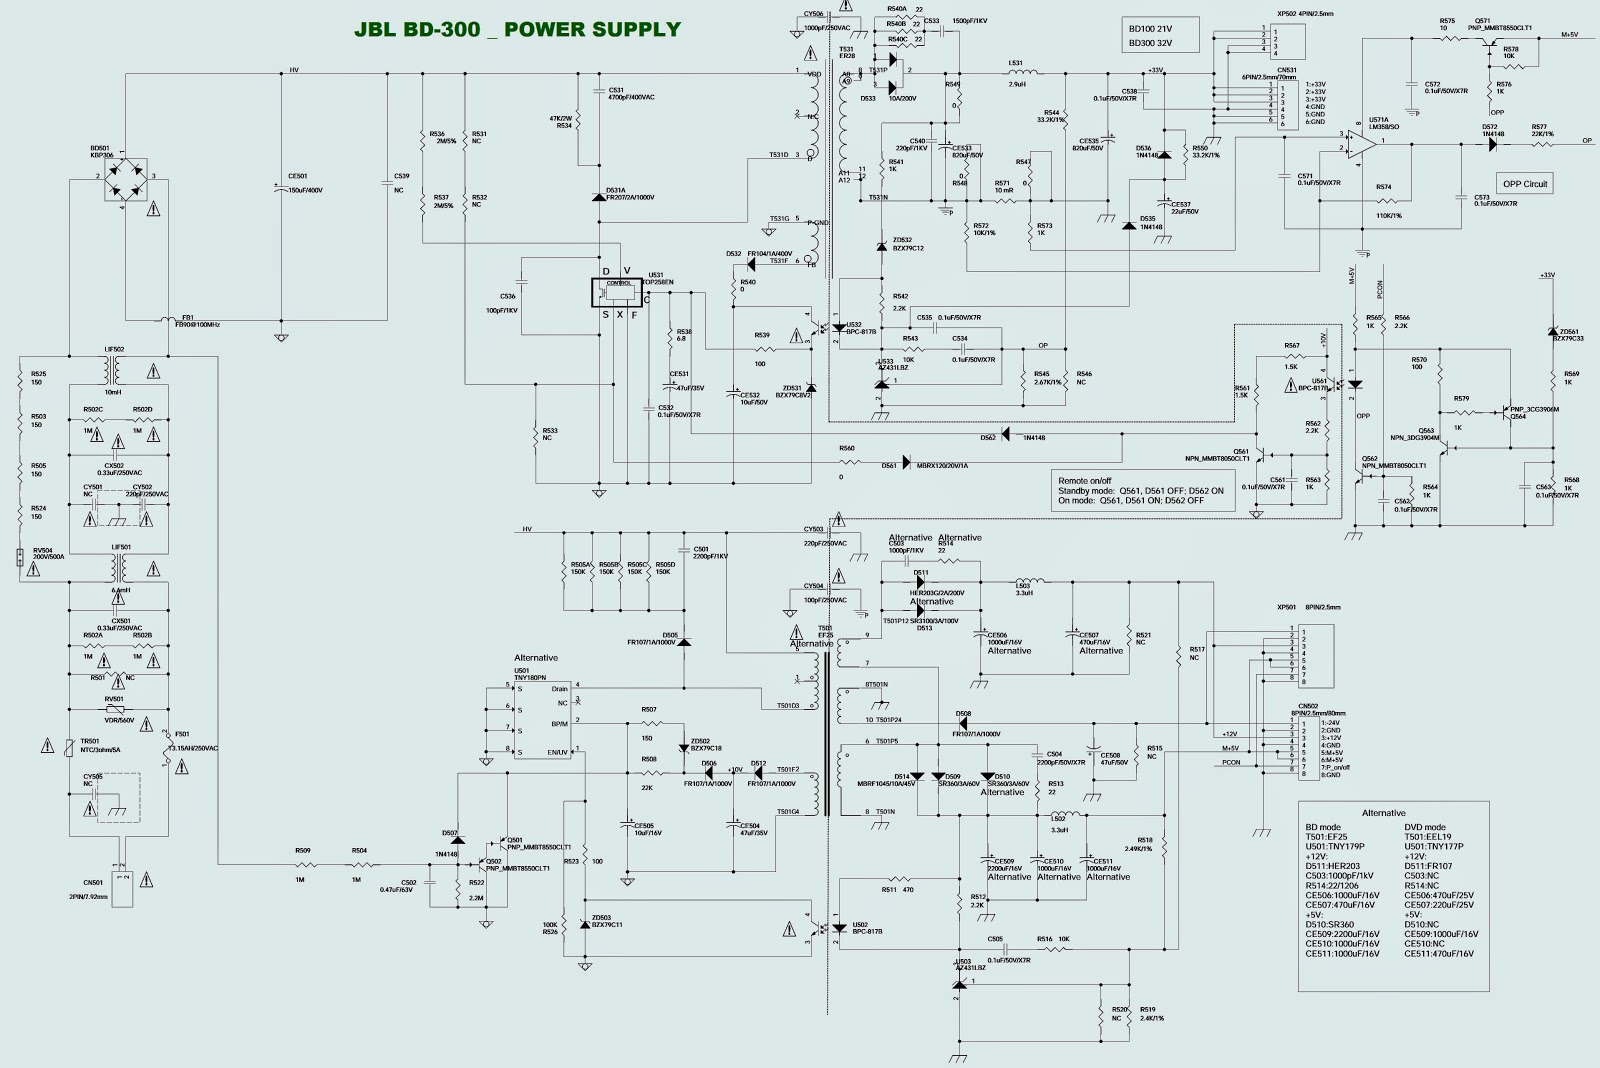 wiring diagram for 7.1 surround sound